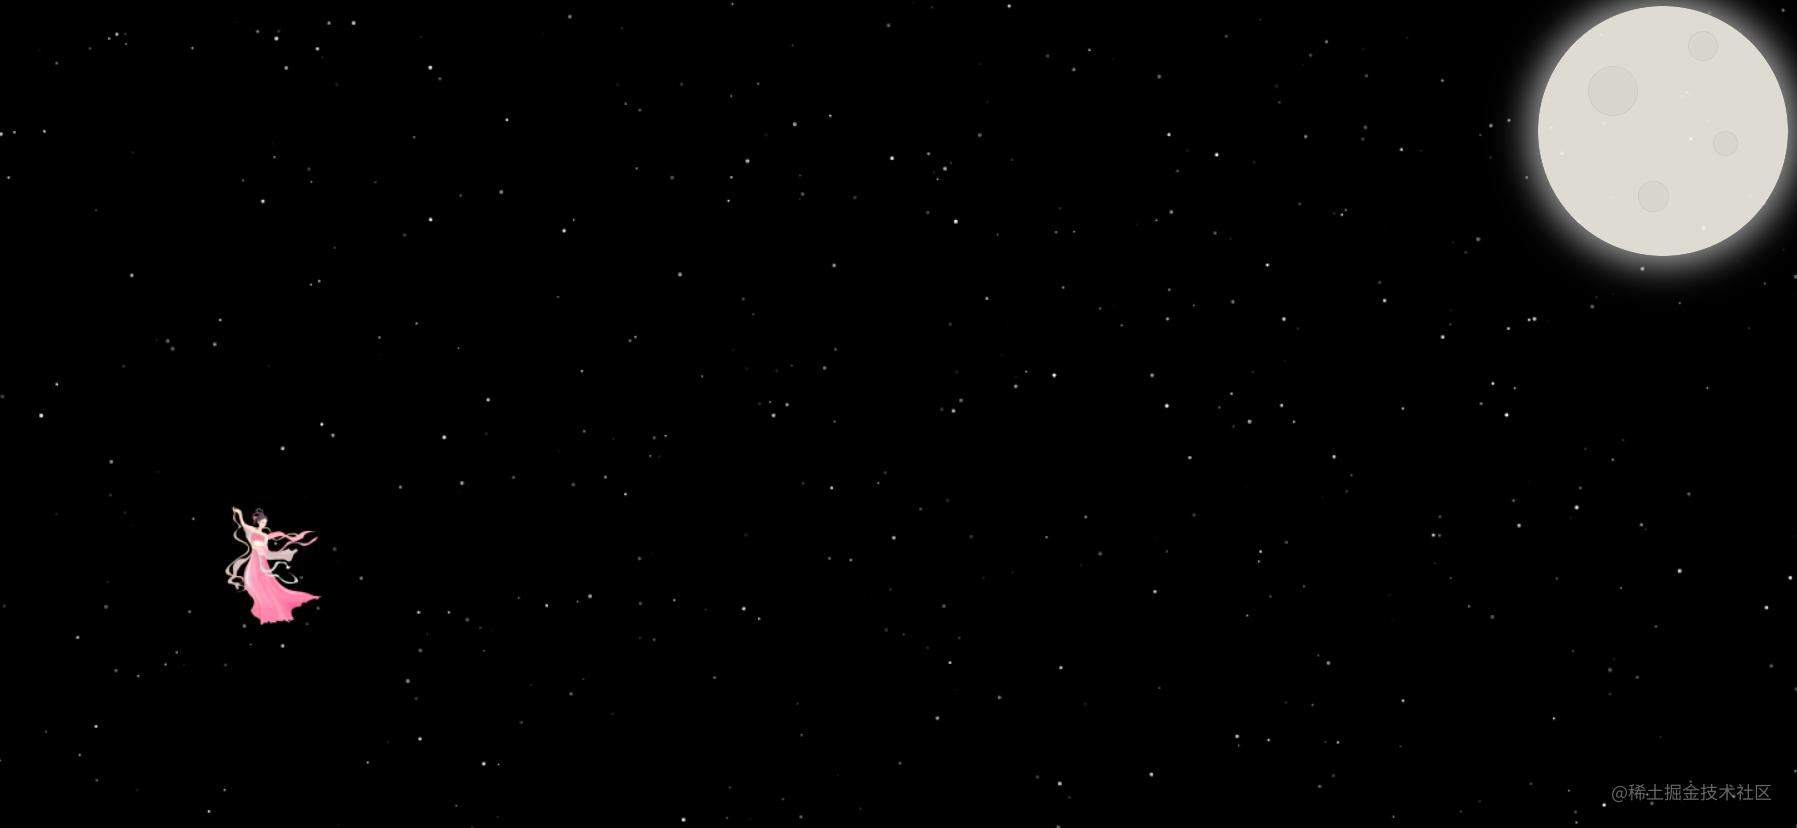 嫦娥奔月样图.png